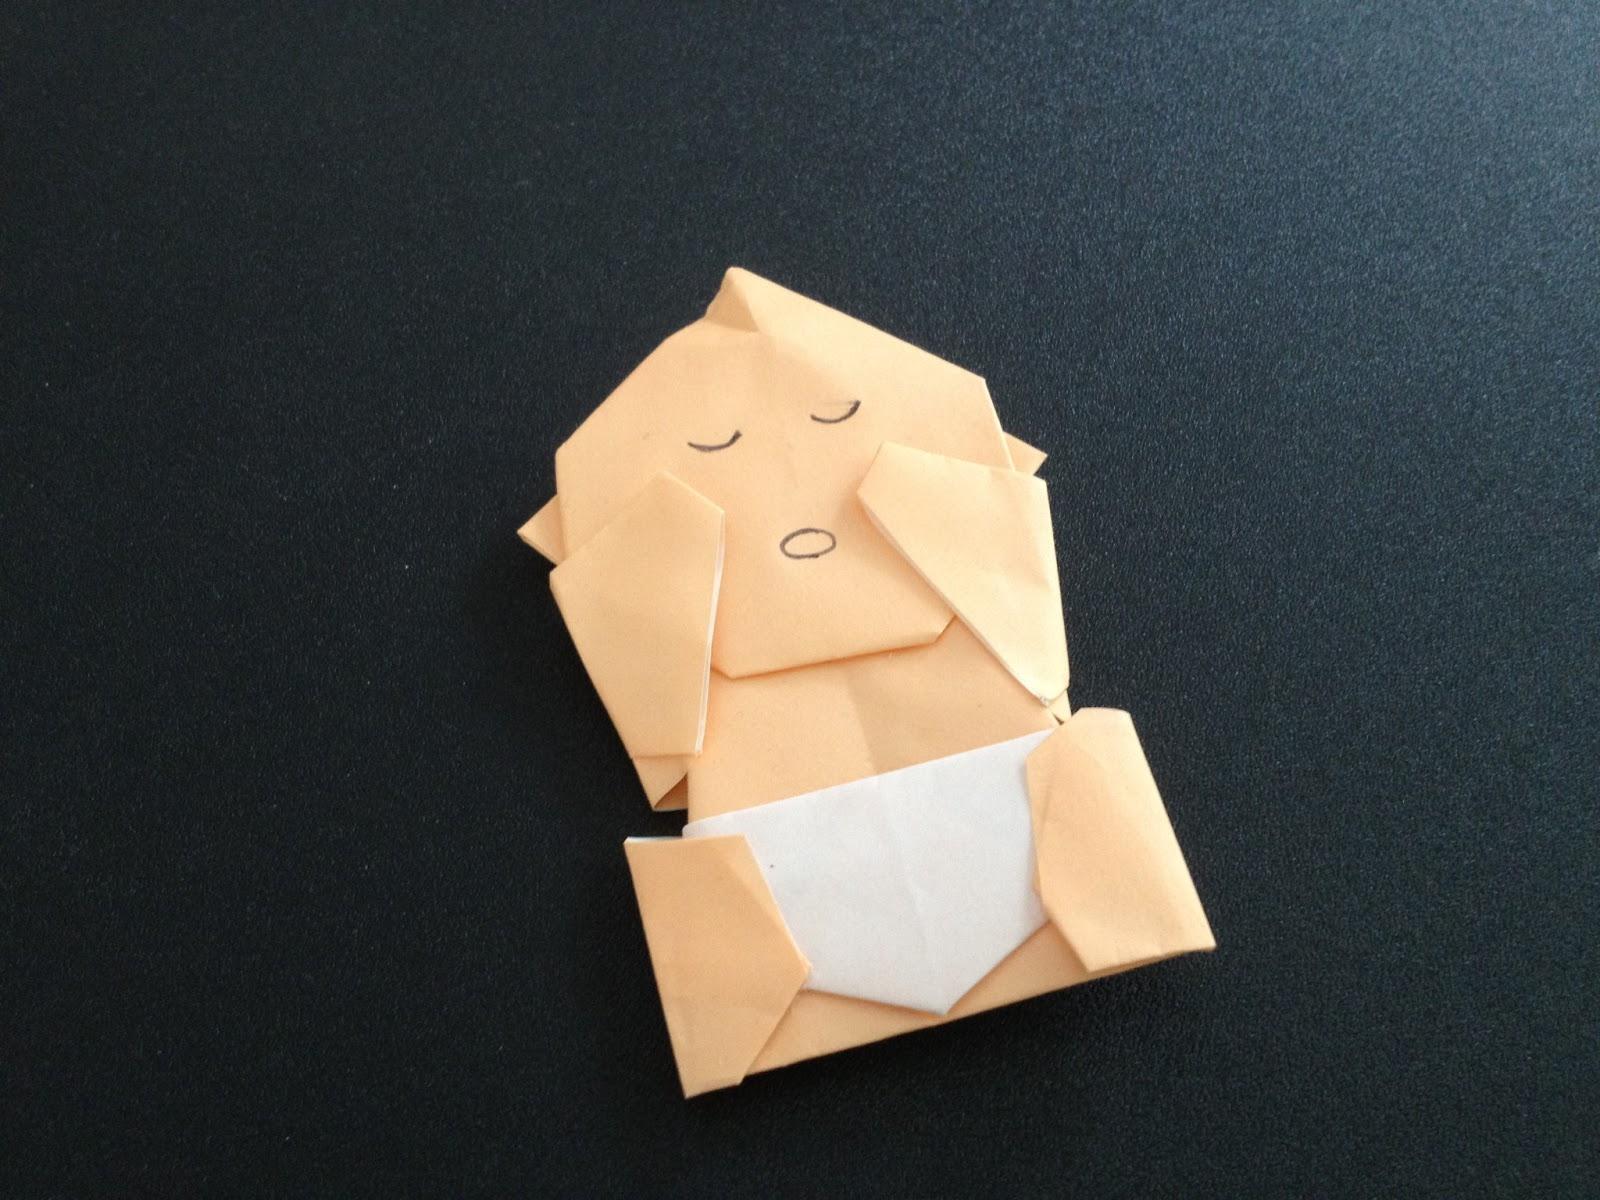 すべての折り紙 折り紙 星 箱 : nurbyz's origami world: ORIGAMI 折り紙